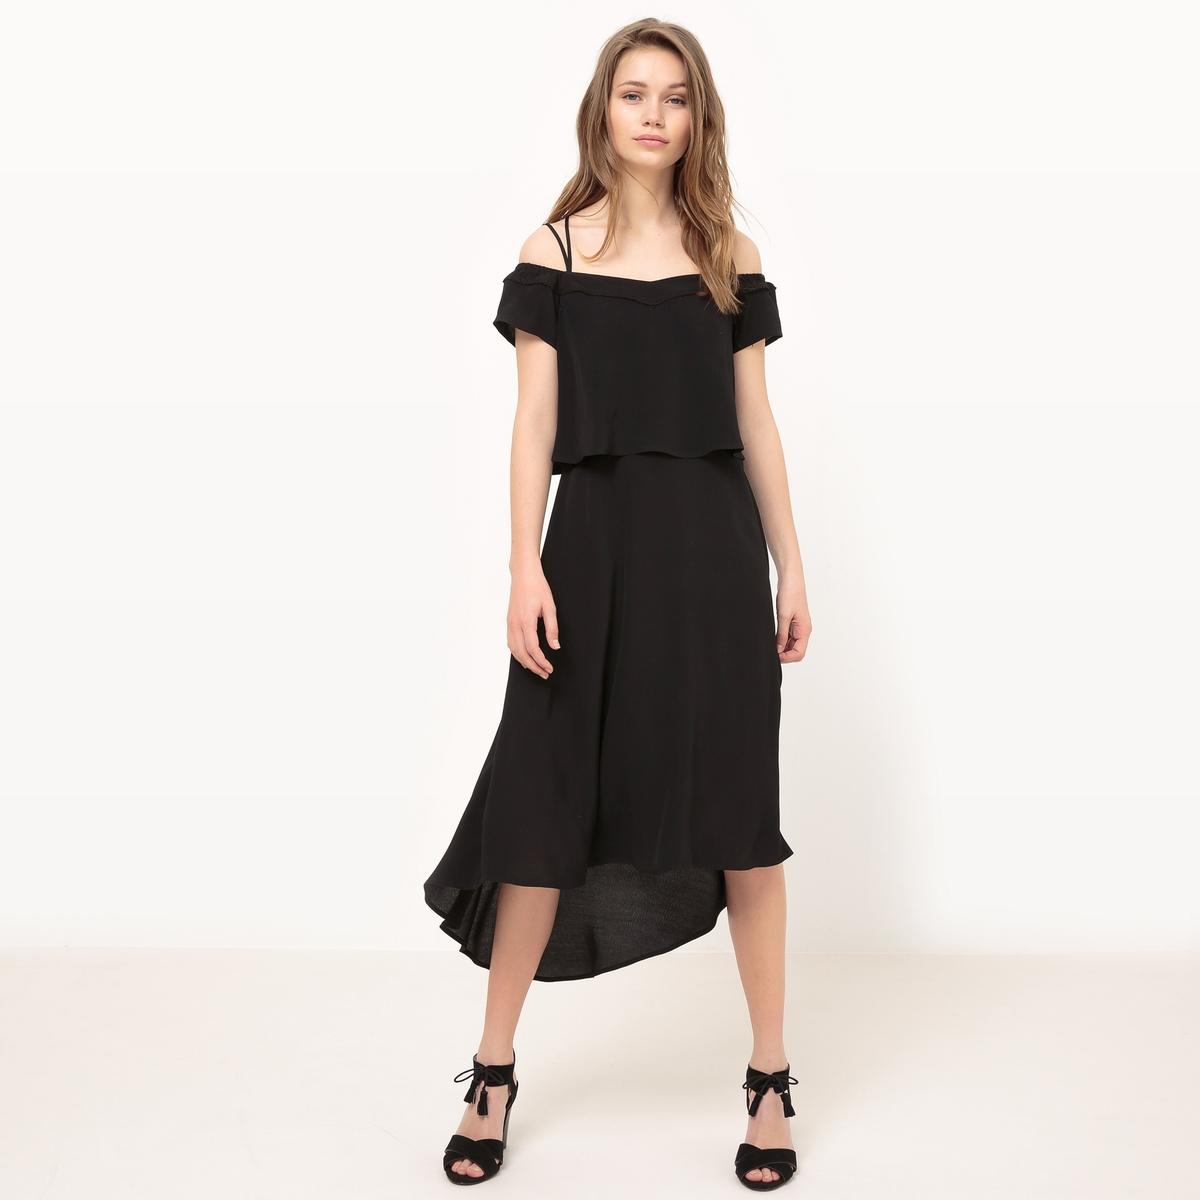 Платье для церемоний средней длины на тонких бретелях платья monoroom платье one color